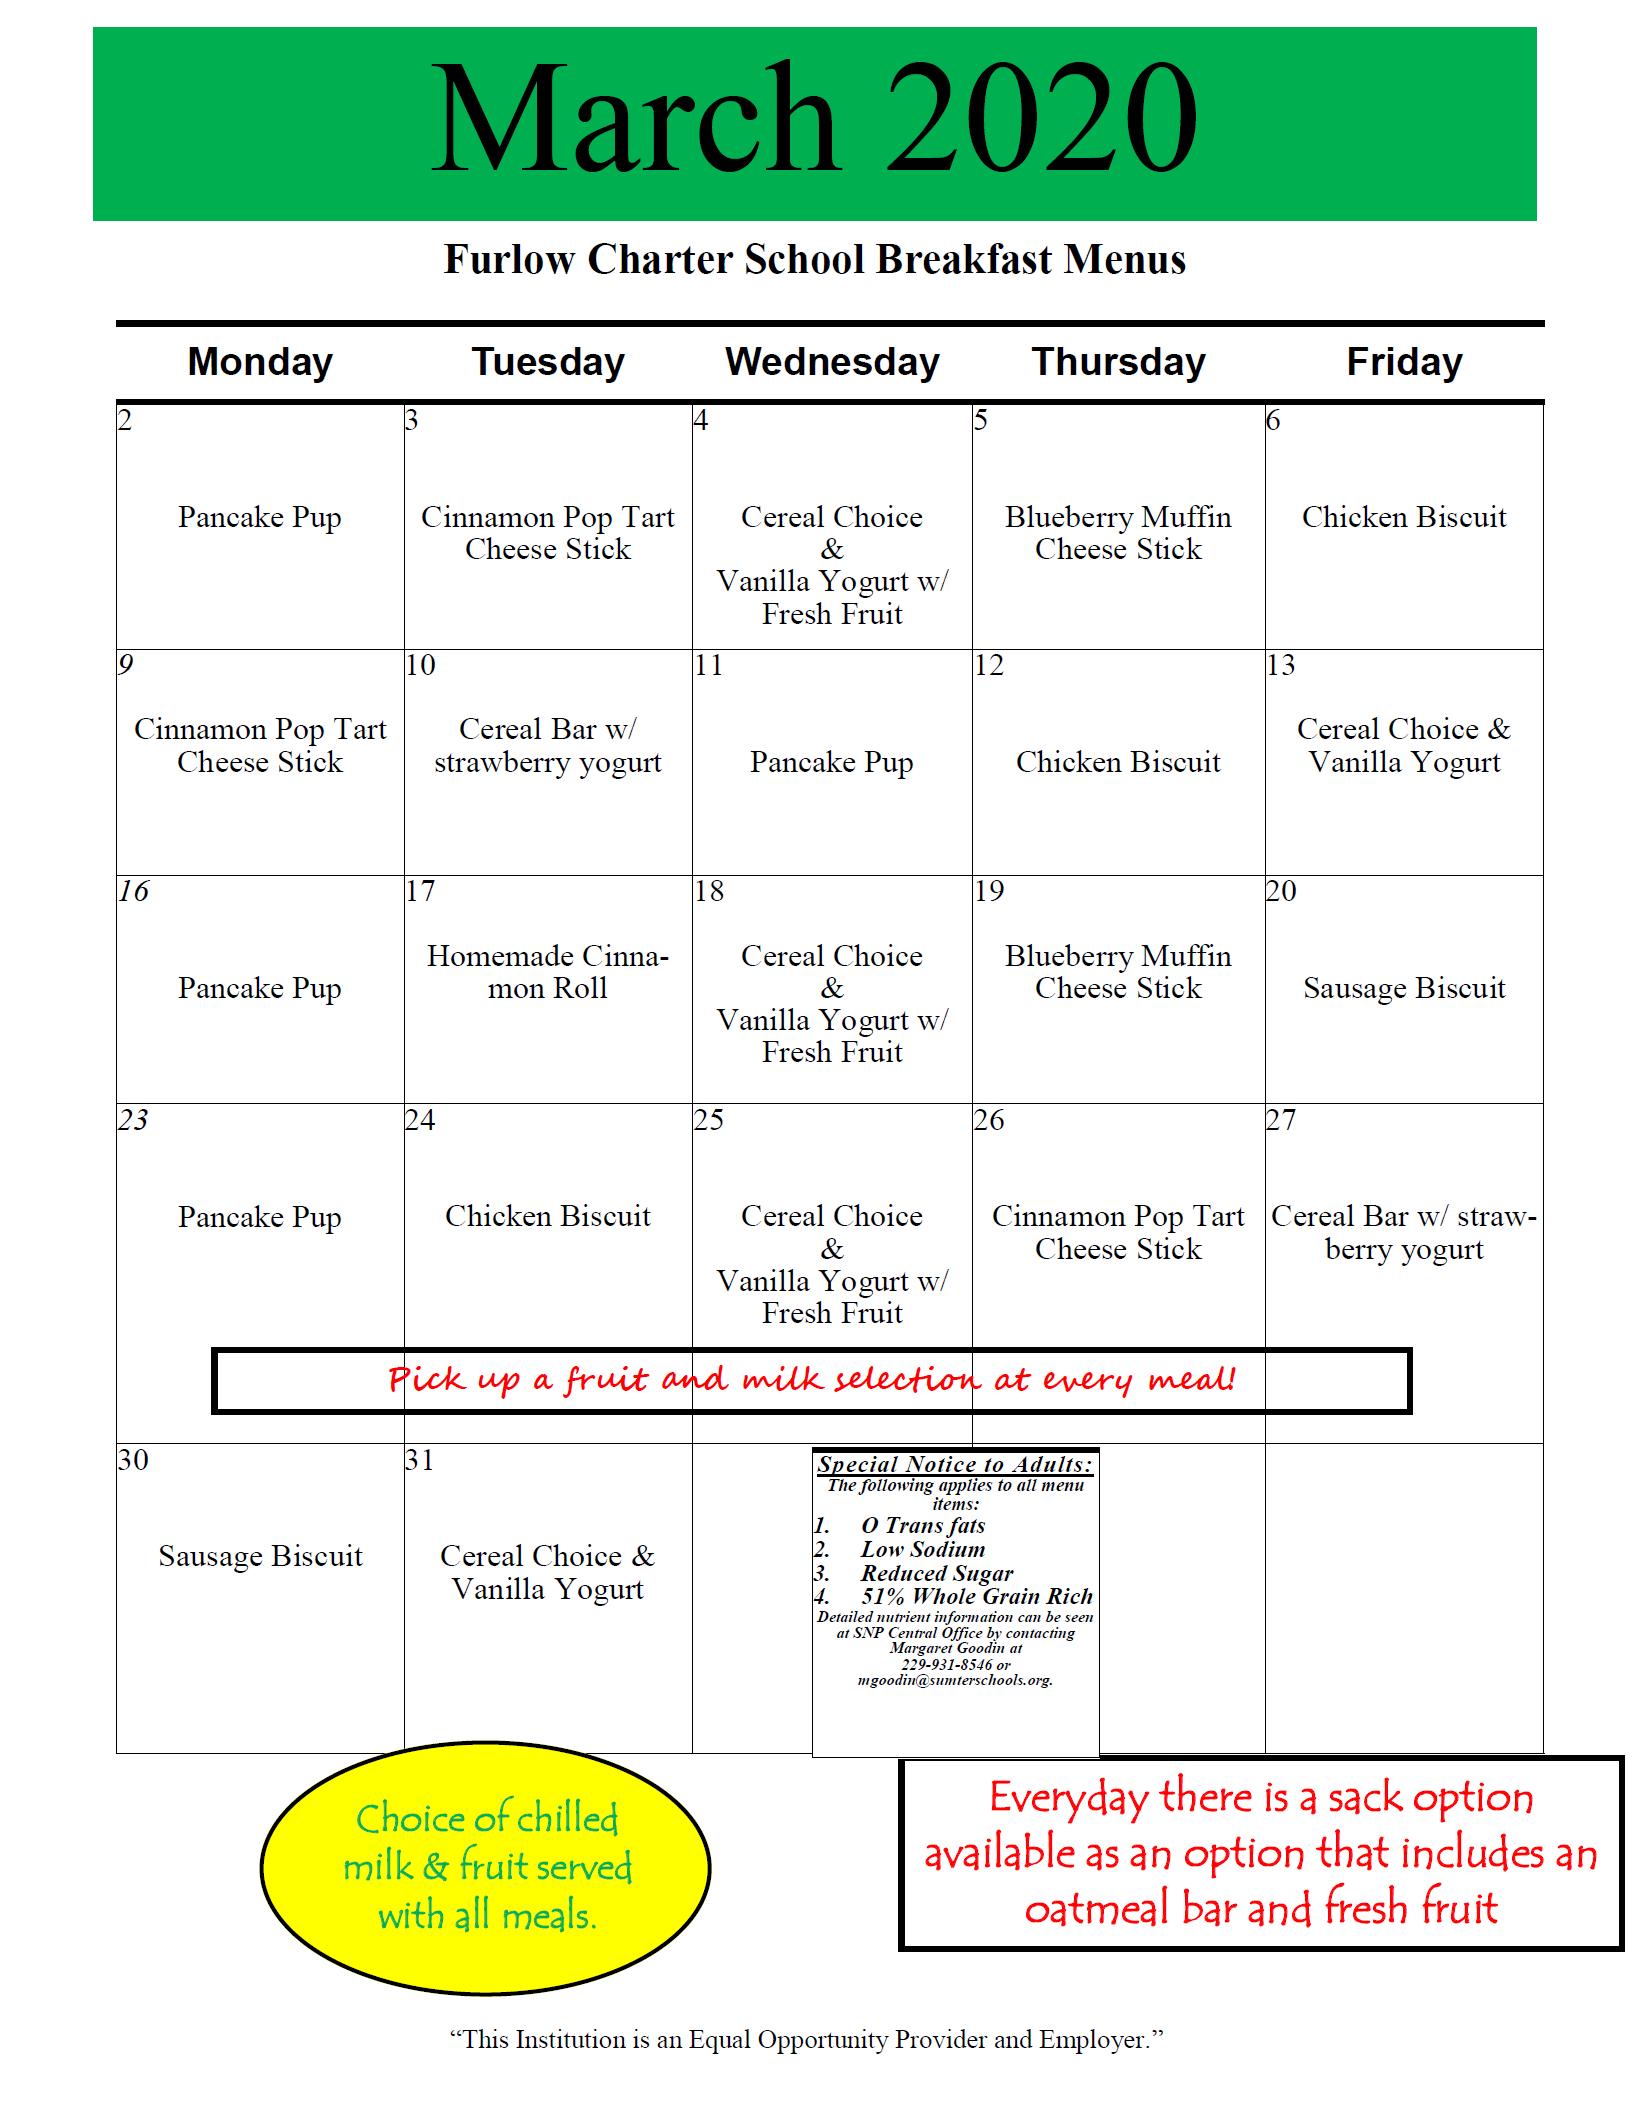 March 2020 School Breakfast Menu